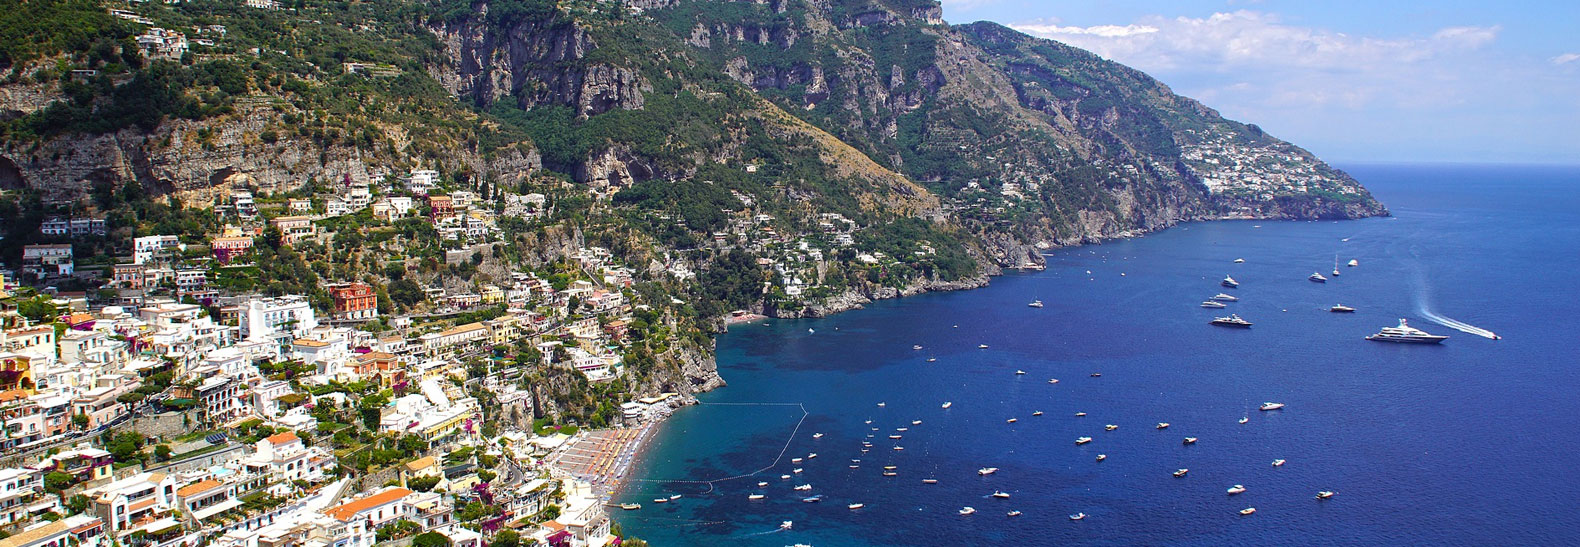 La veduta della Costa d'Amalfi da Ravello